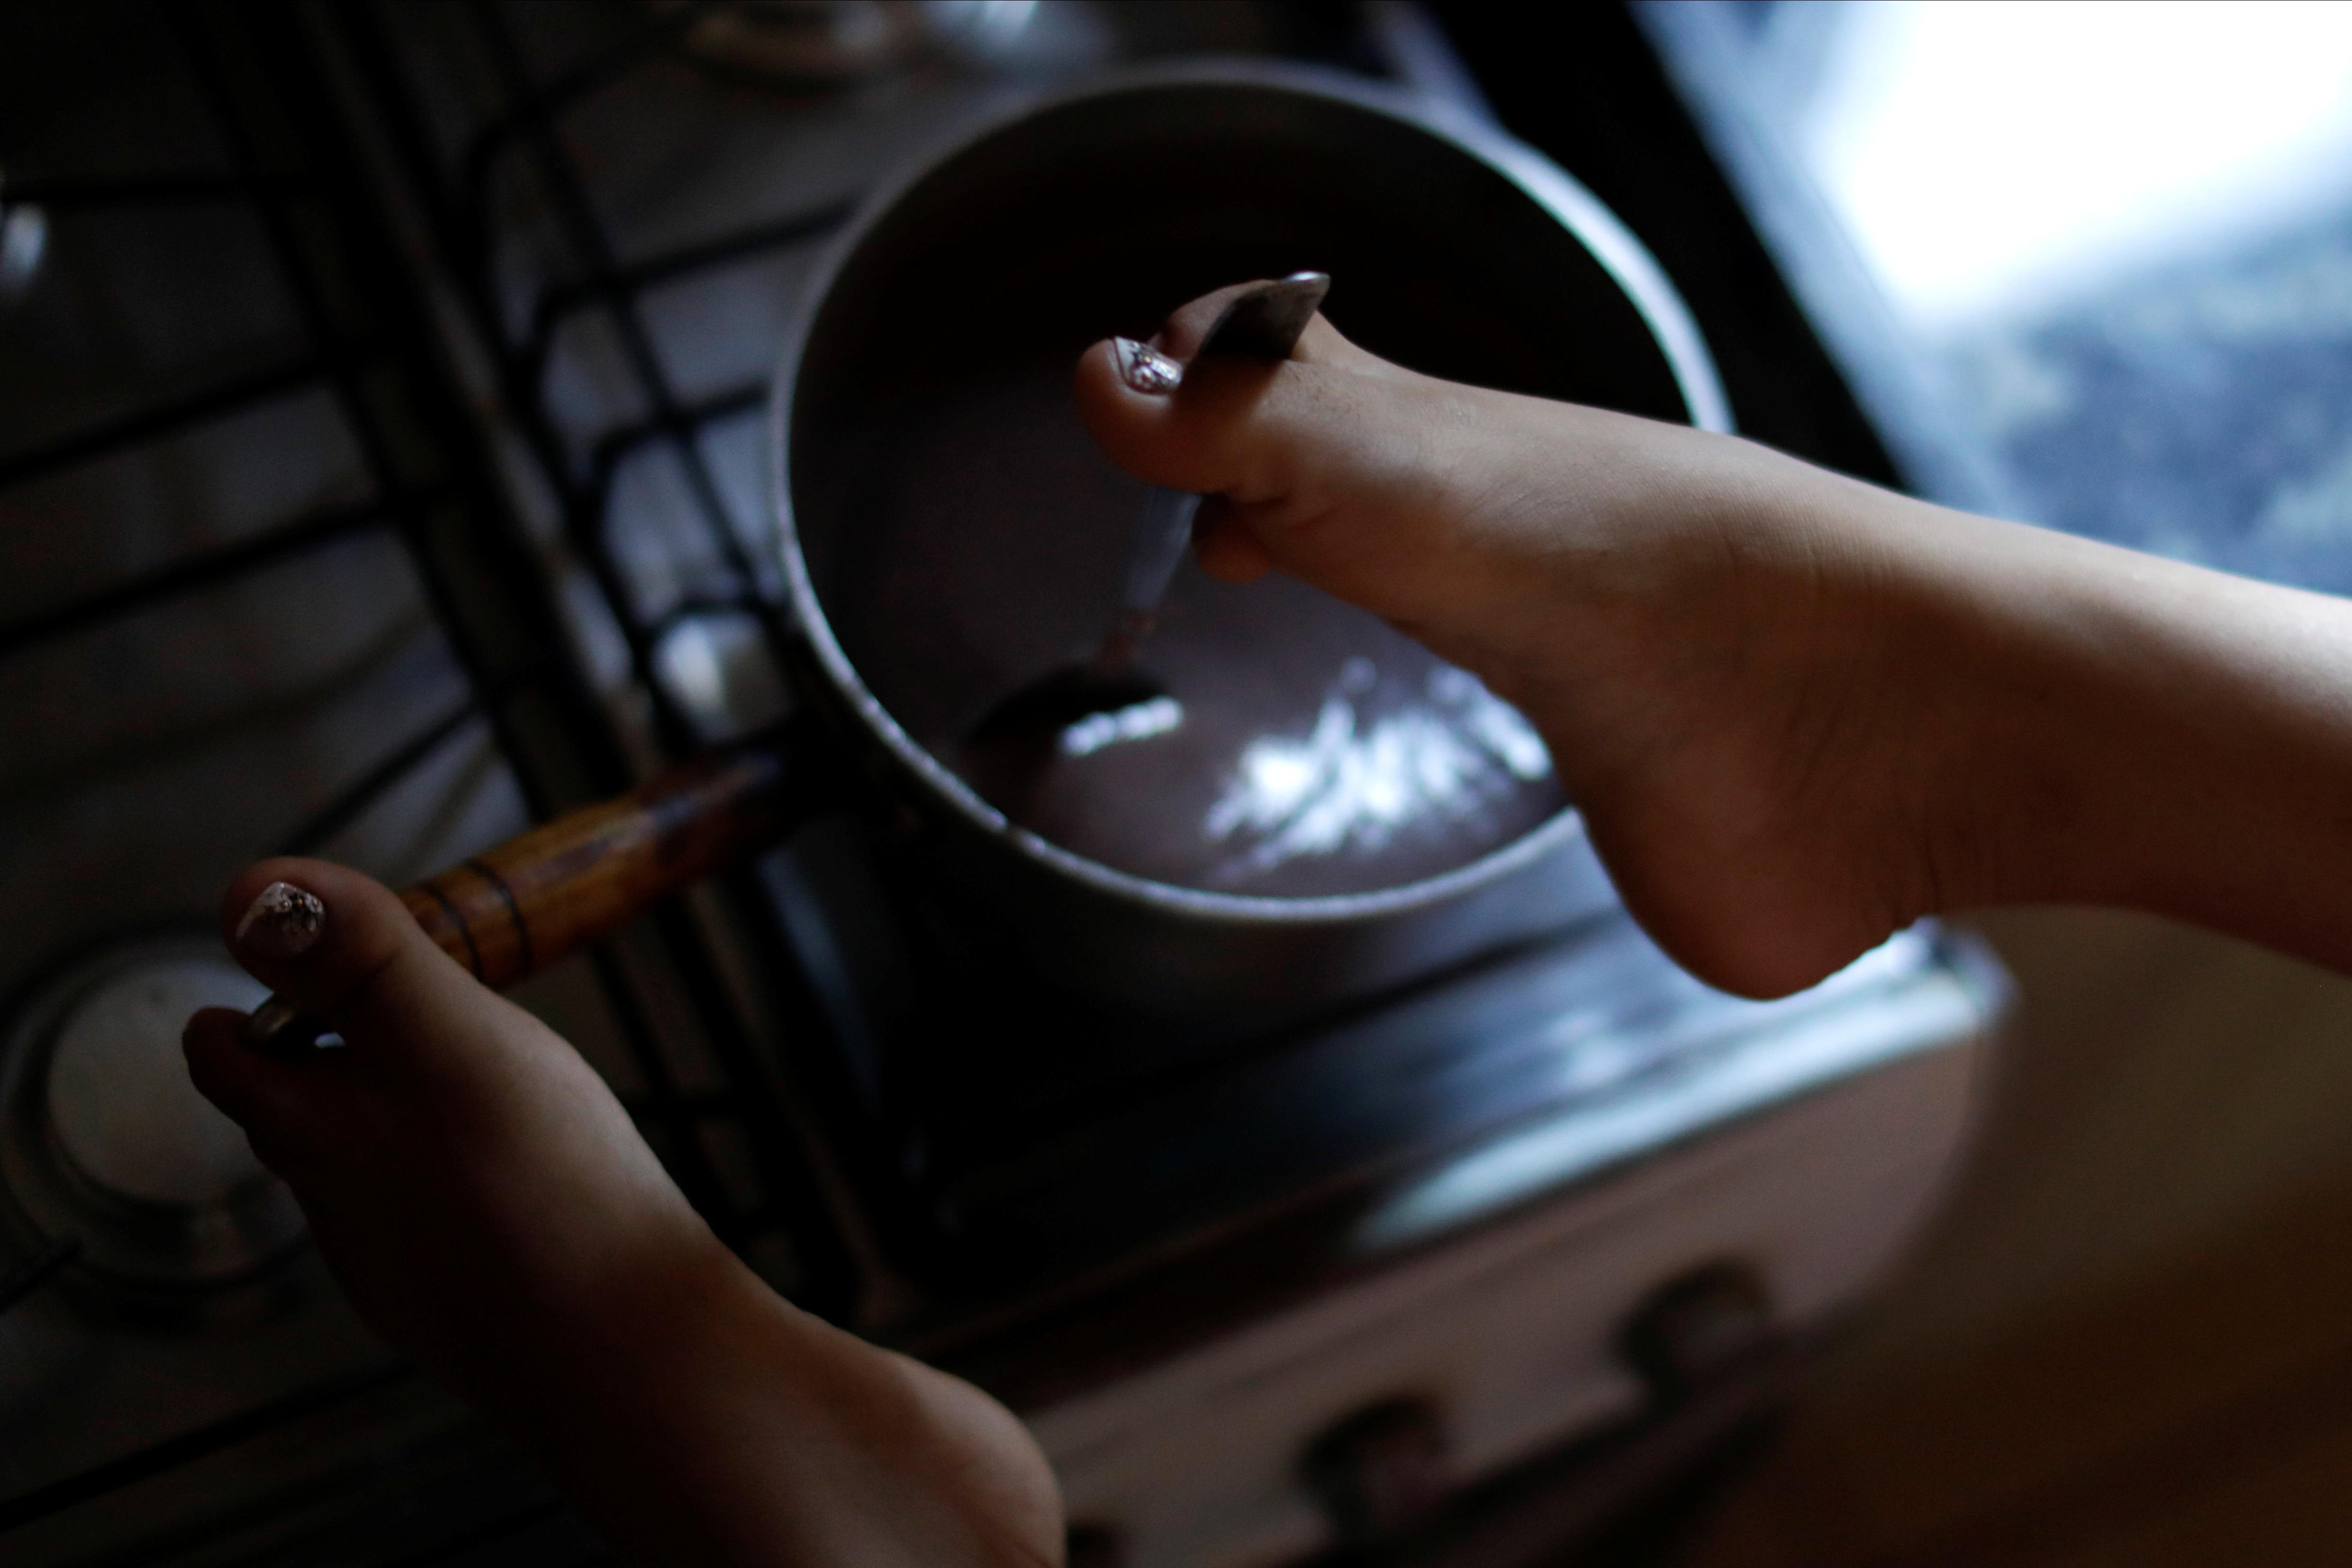 Vitória Bueno usa os pés para cozinhar em sua casa em Santa Rita do Sapucaí, Brasil (REUTERS)